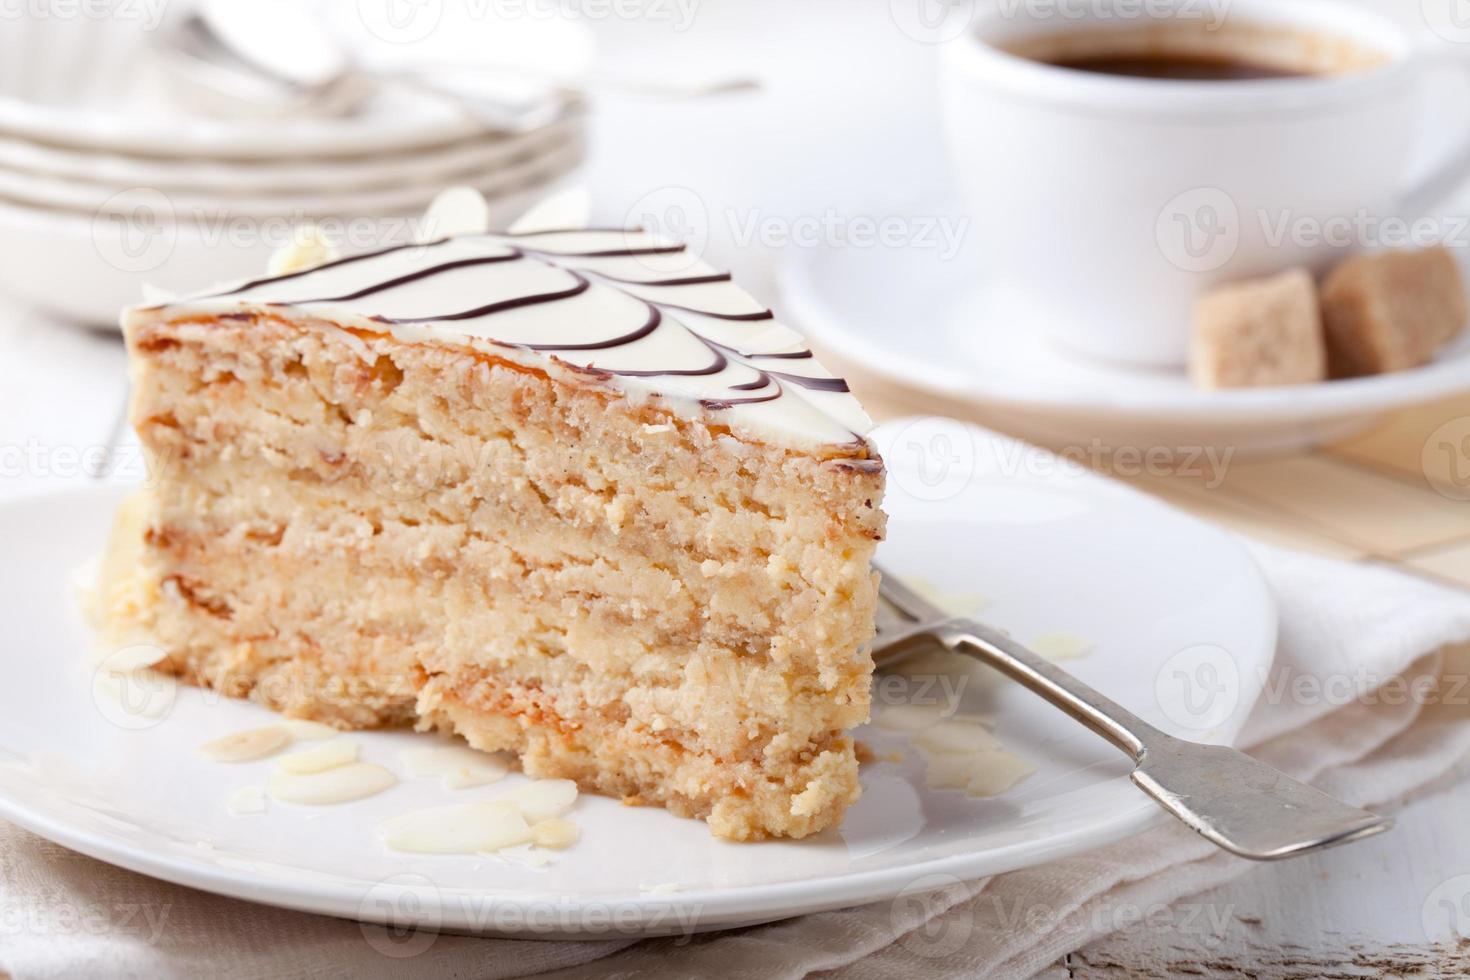 traditioneller ungarischer Esterhazy-Kuchen mit Kaffeetasse und Vintage-Postkarten foto